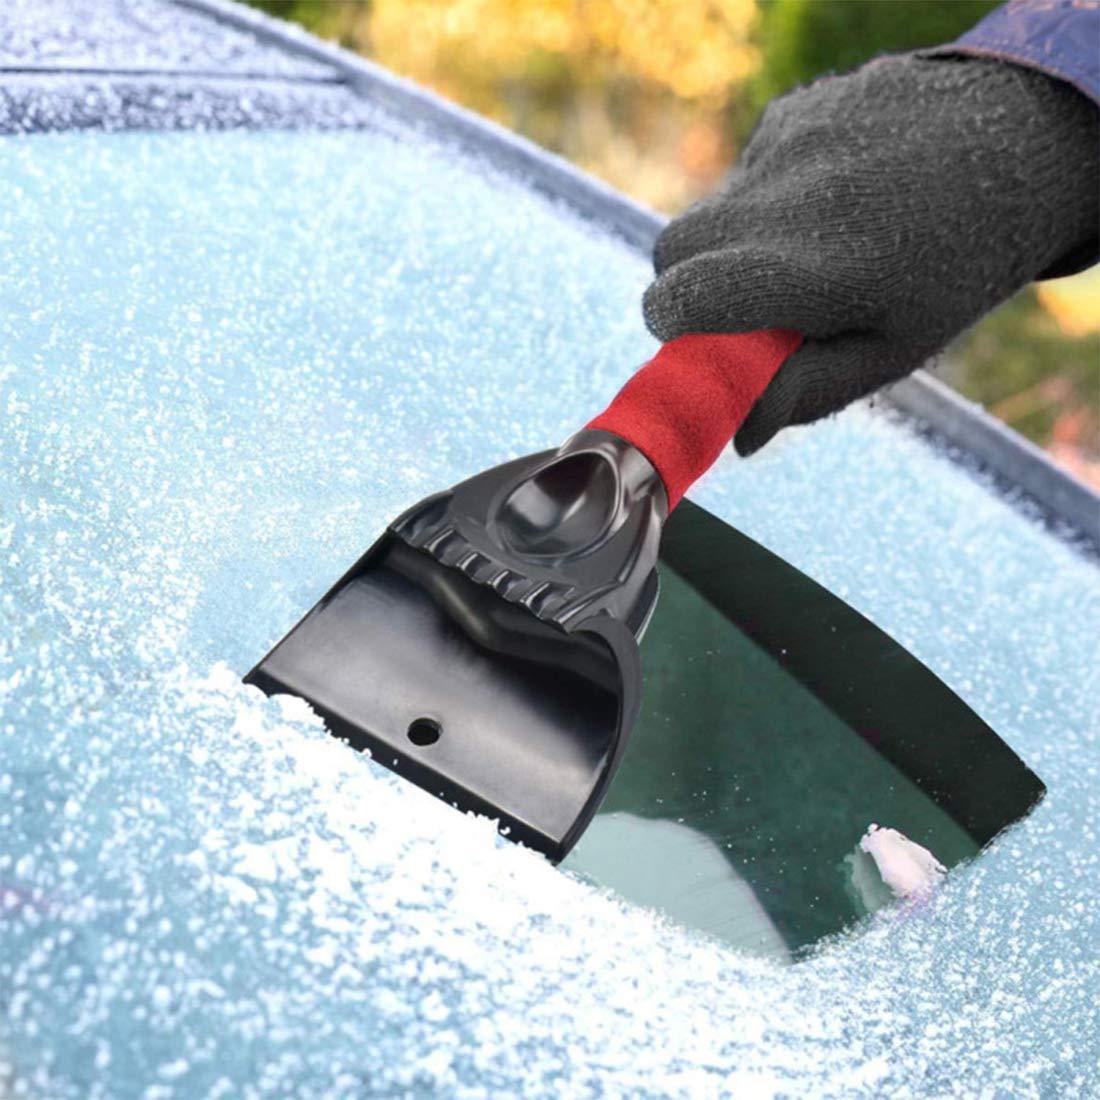 Rosso Le Porte e i Vetri di Vetro Coperti da Neve O-Kinee Raschietto Ghiaccio Auto Raschiaghiaccio Auto Raschietto Auto Pala da Neve per Auto